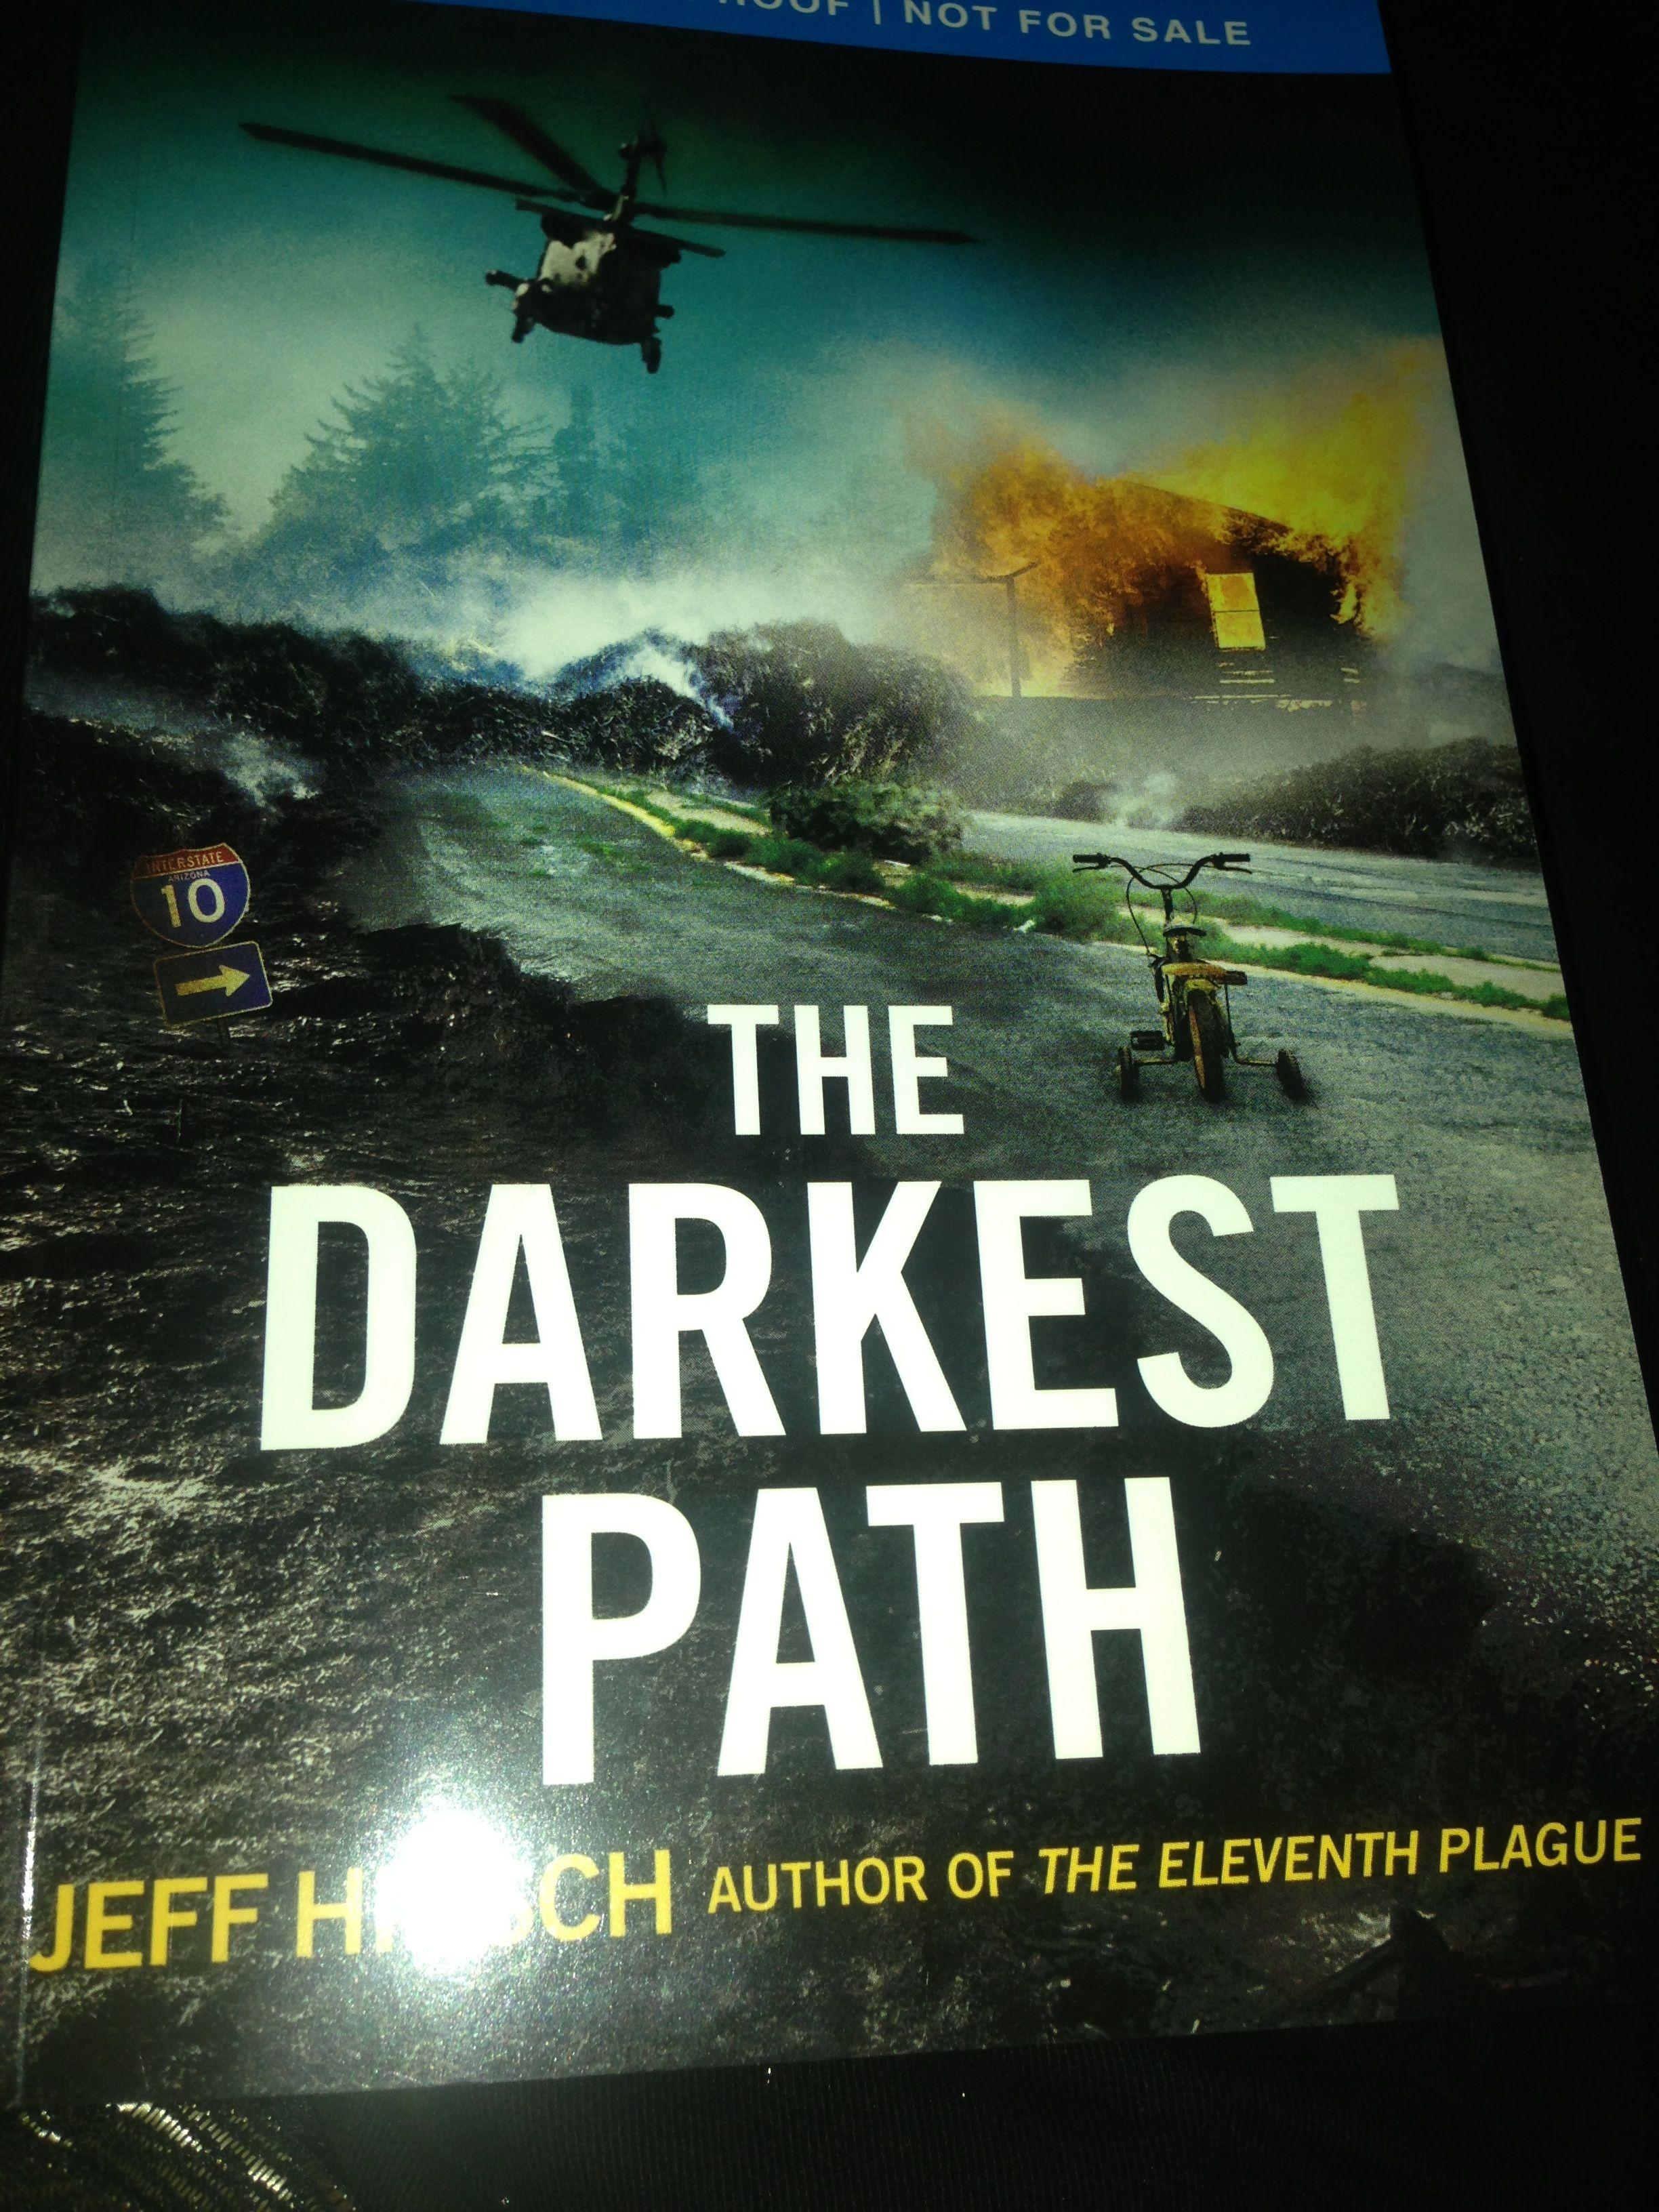 Darkest path by jeff hirsch book worth reading the